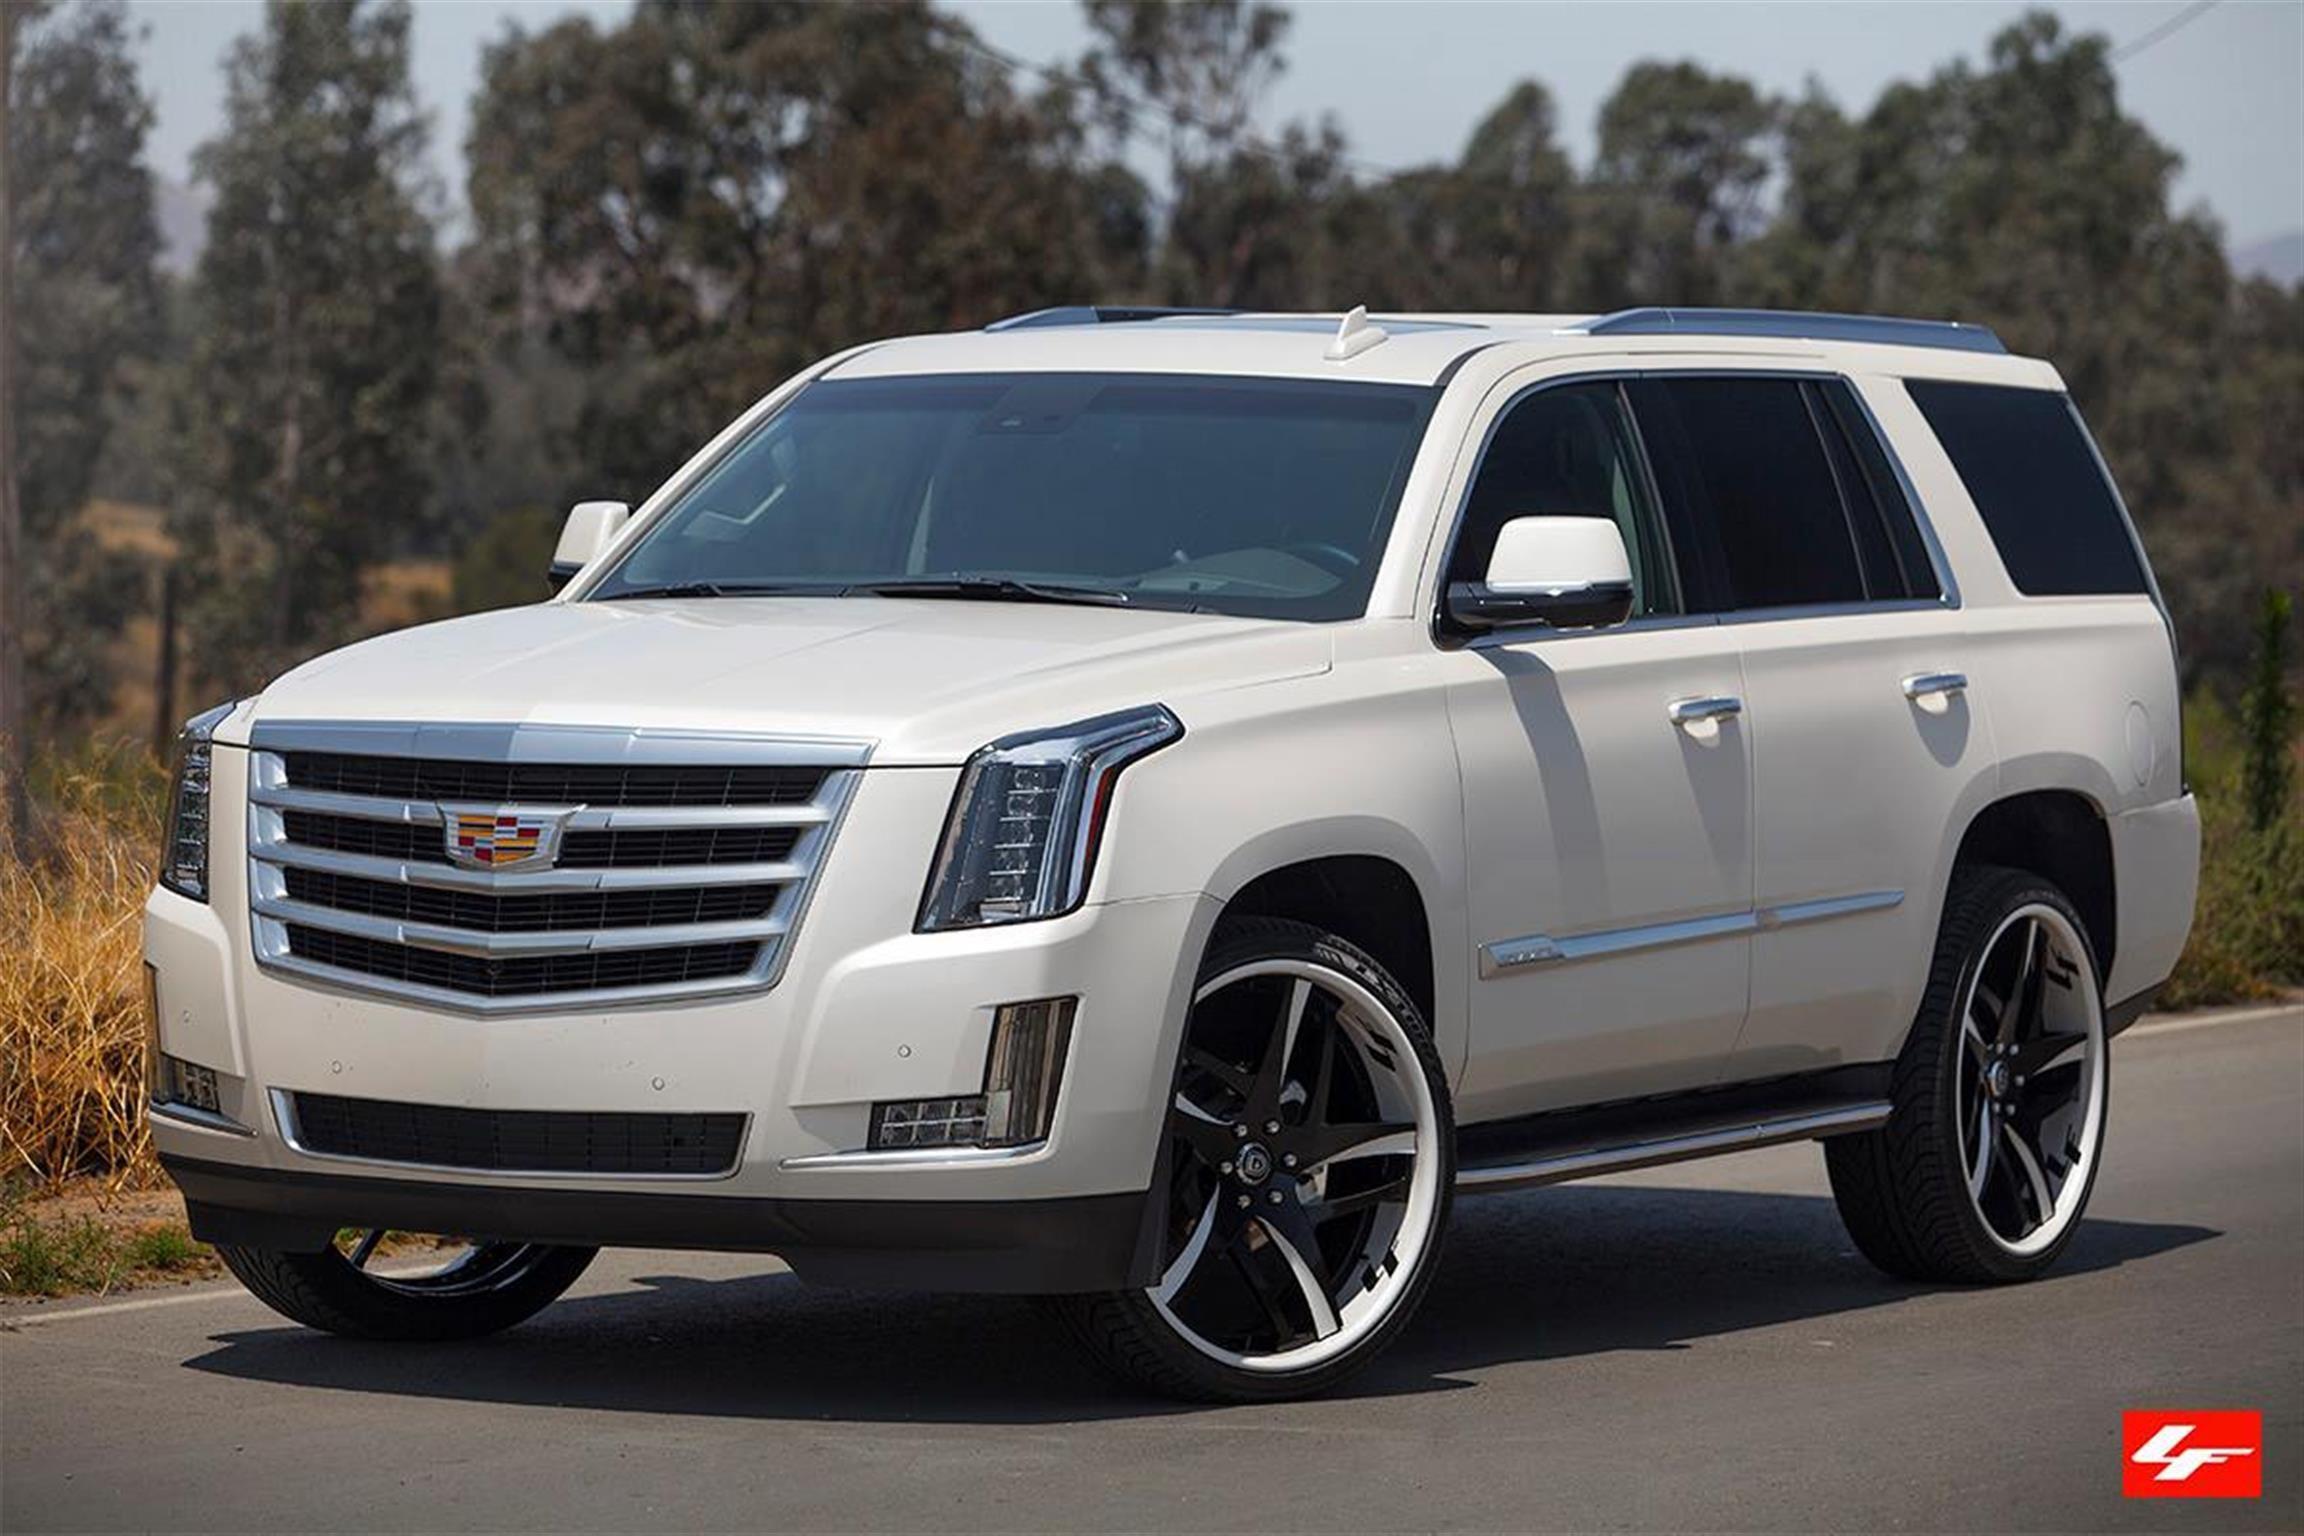 2015 Cadillac Escalade By Lexani Wheels Click To View More Photos